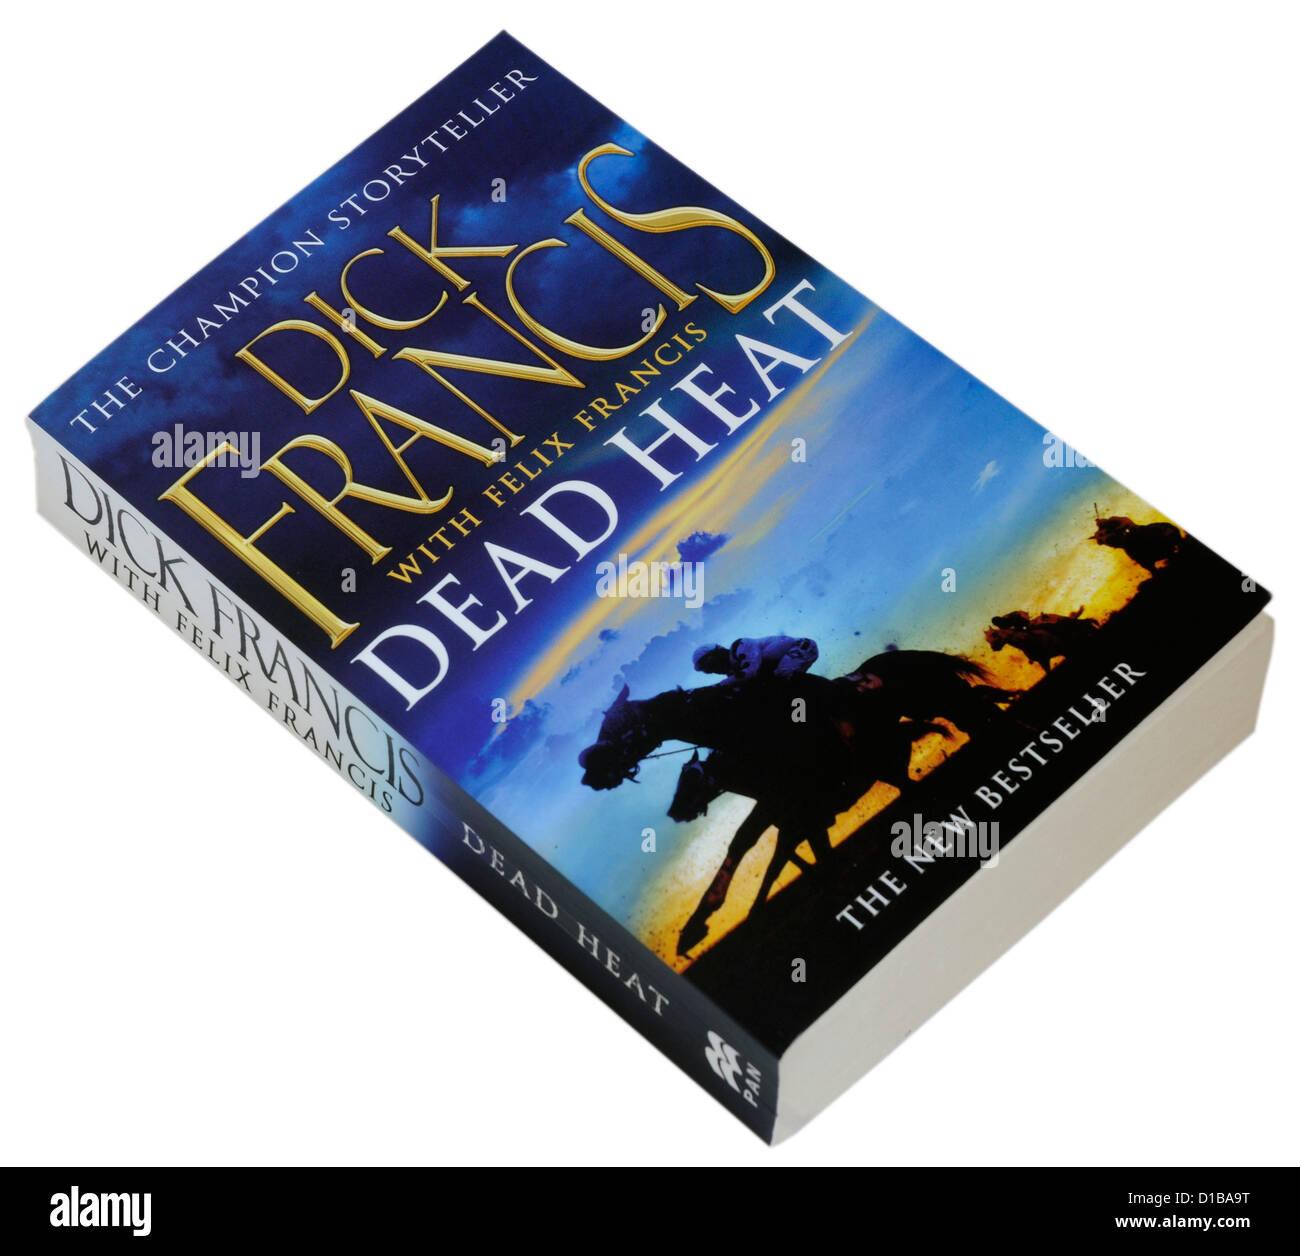 Dick Francis Dead